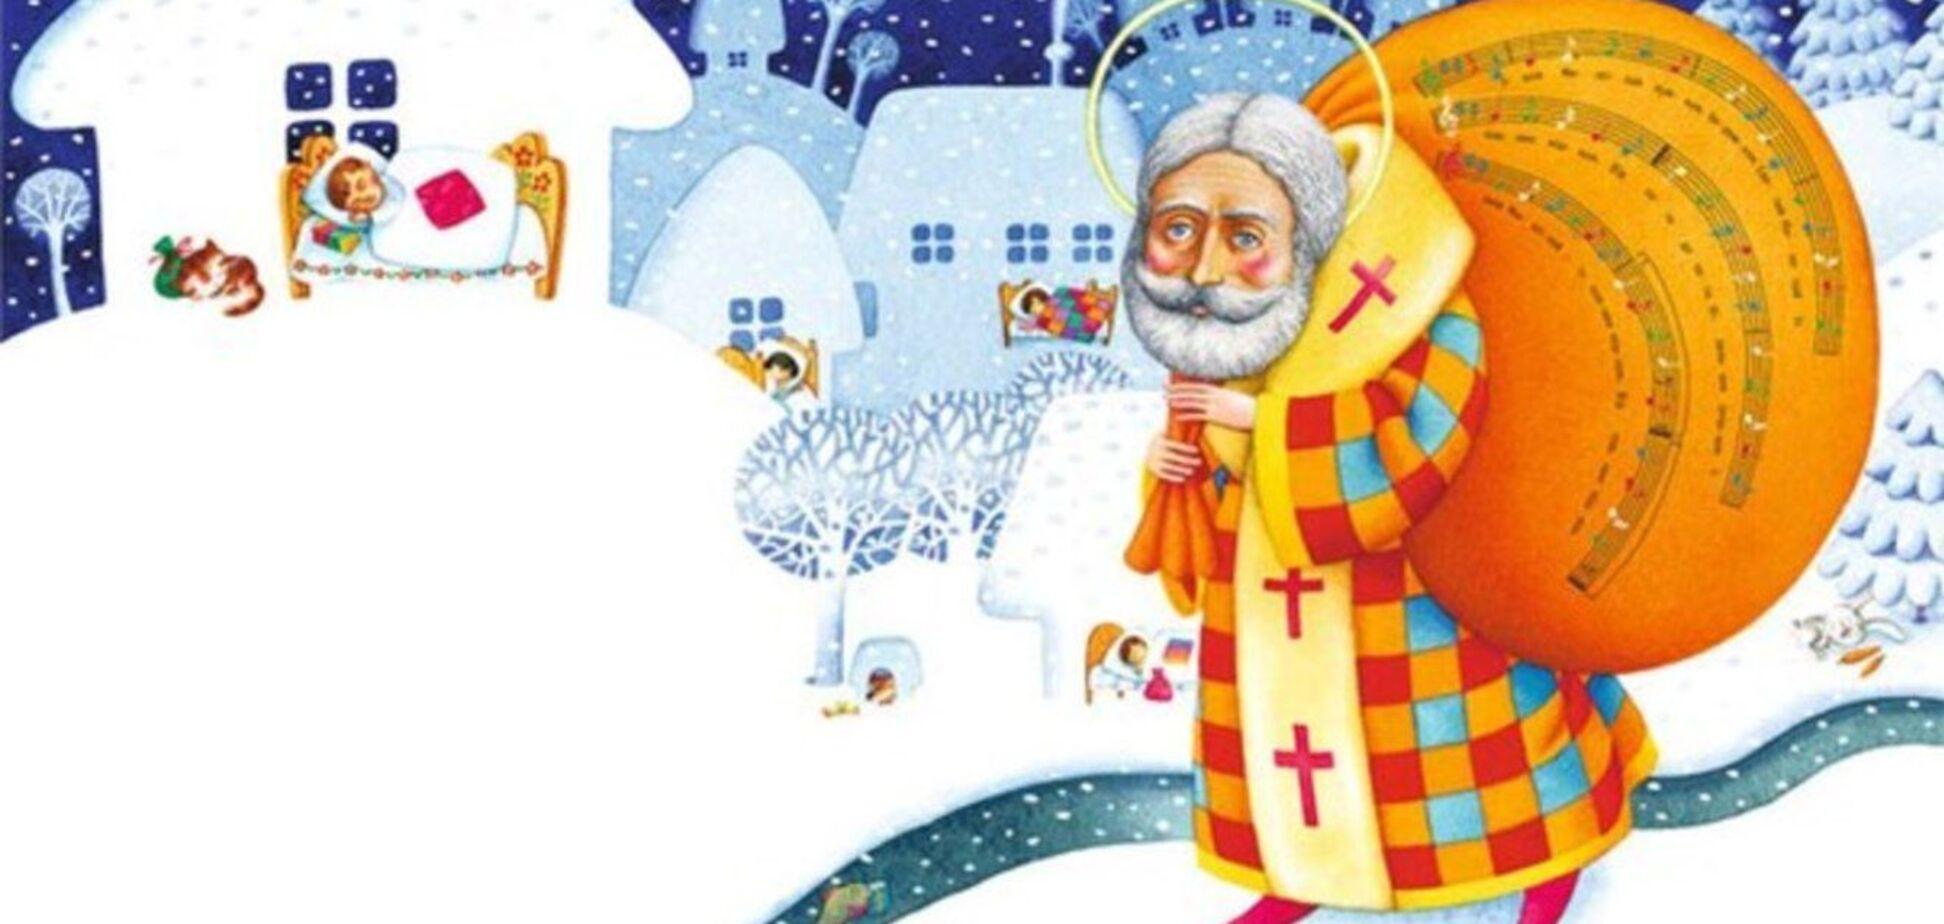 Слухняним дітям святий Миколай приносить подарунки, а неслухняним – різки